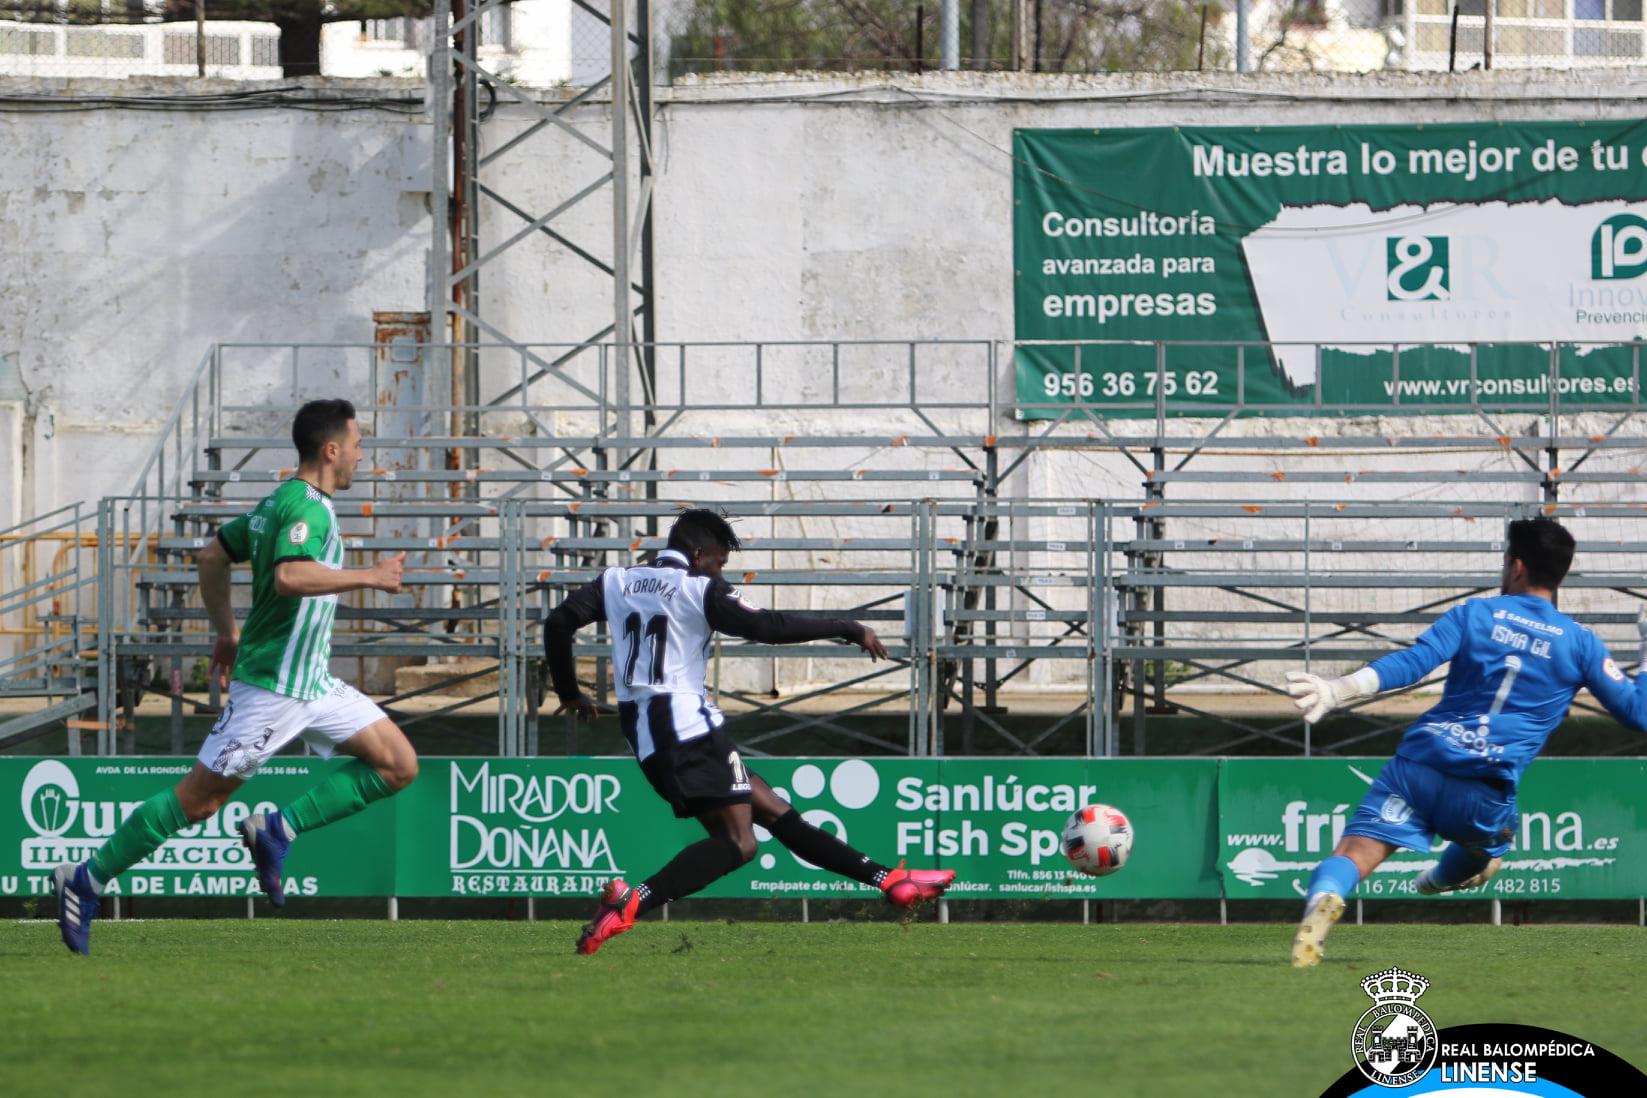 Koroma asiste y marca en la victoria de la Real Balompédica Linense